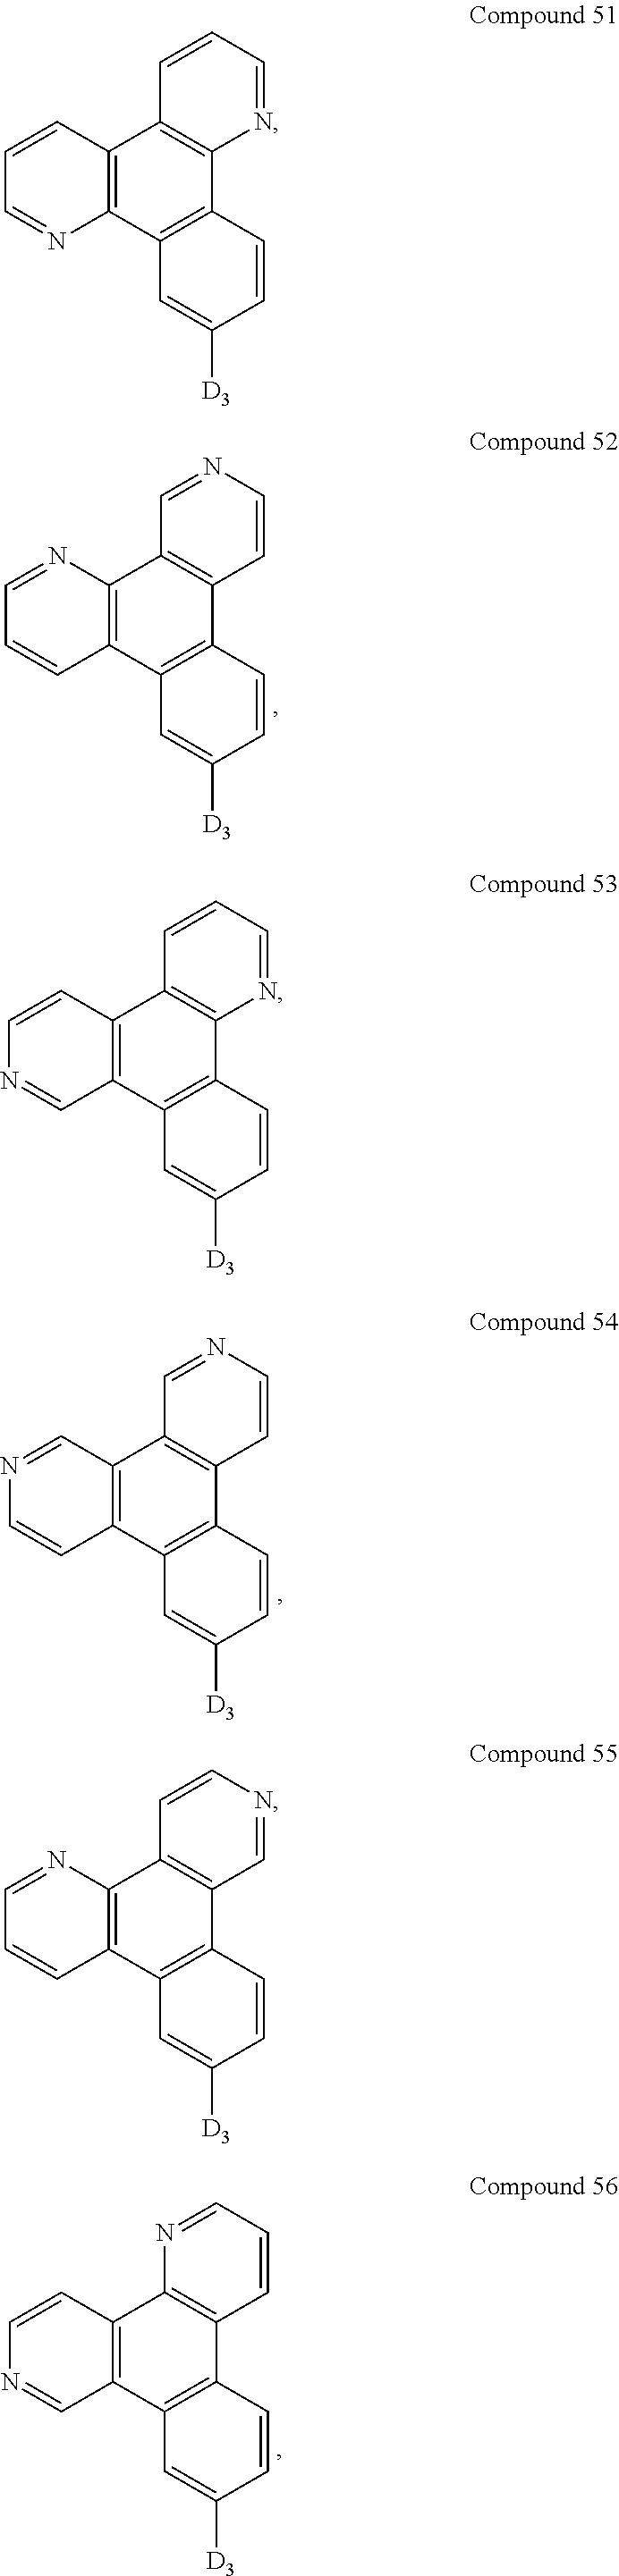 Figure US09537106-20170103-C00170